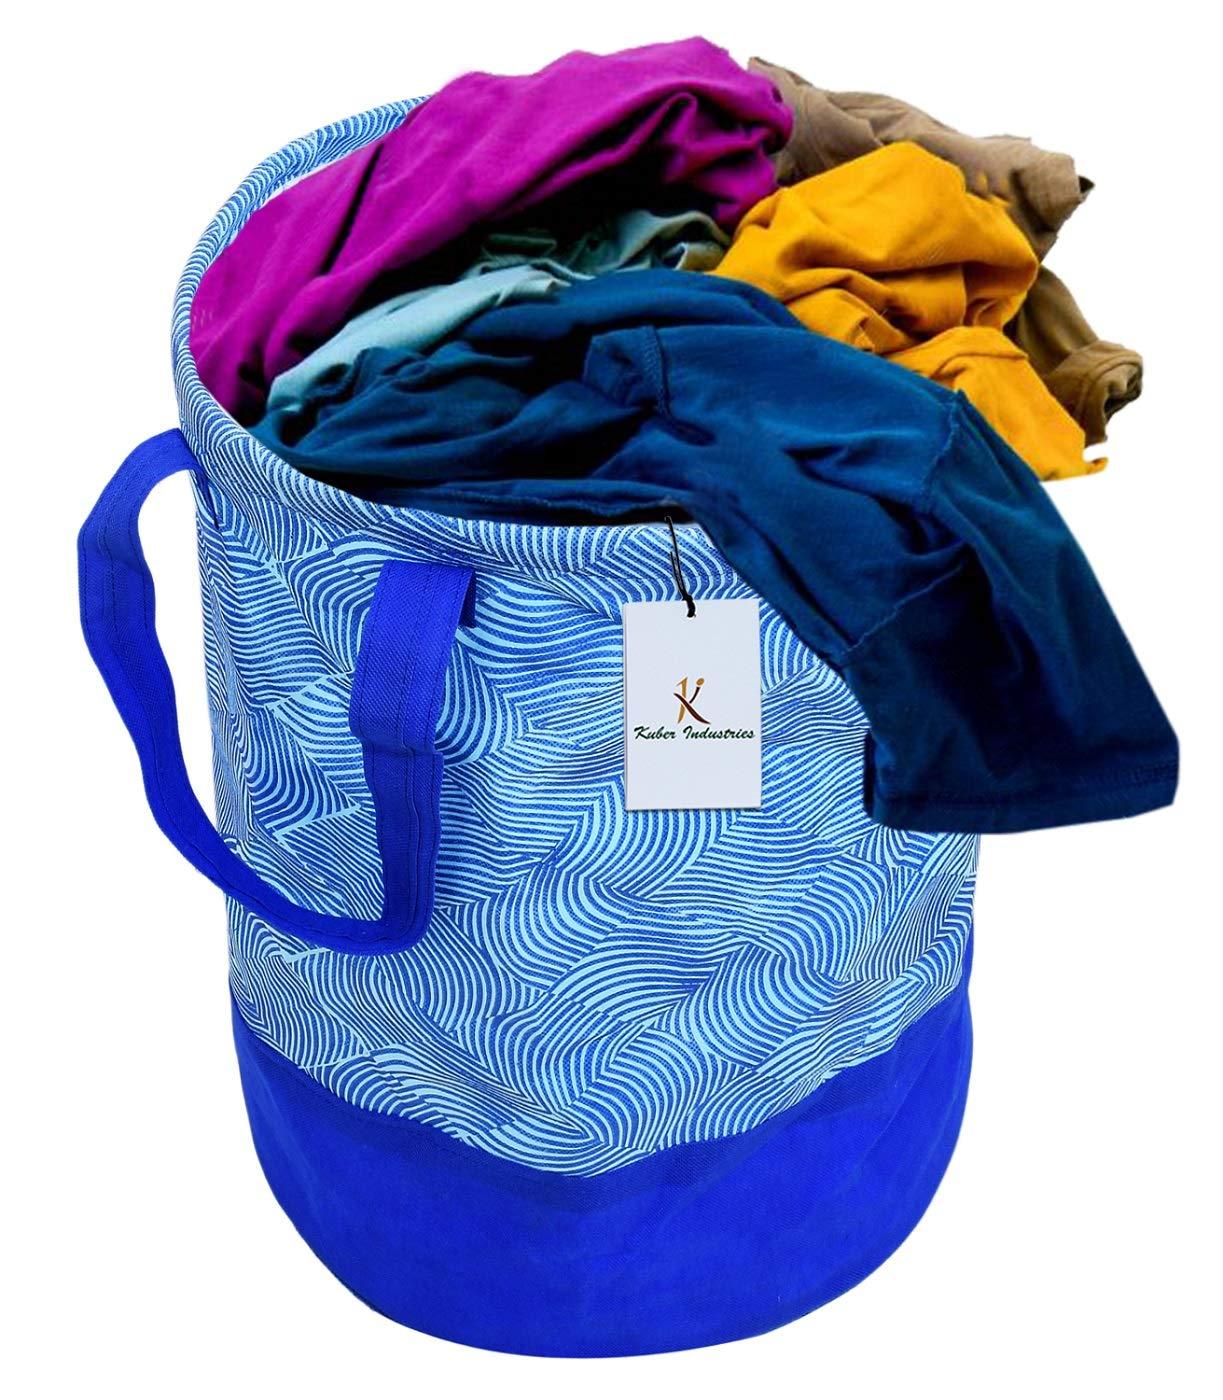 Waterproof Laundry Basket